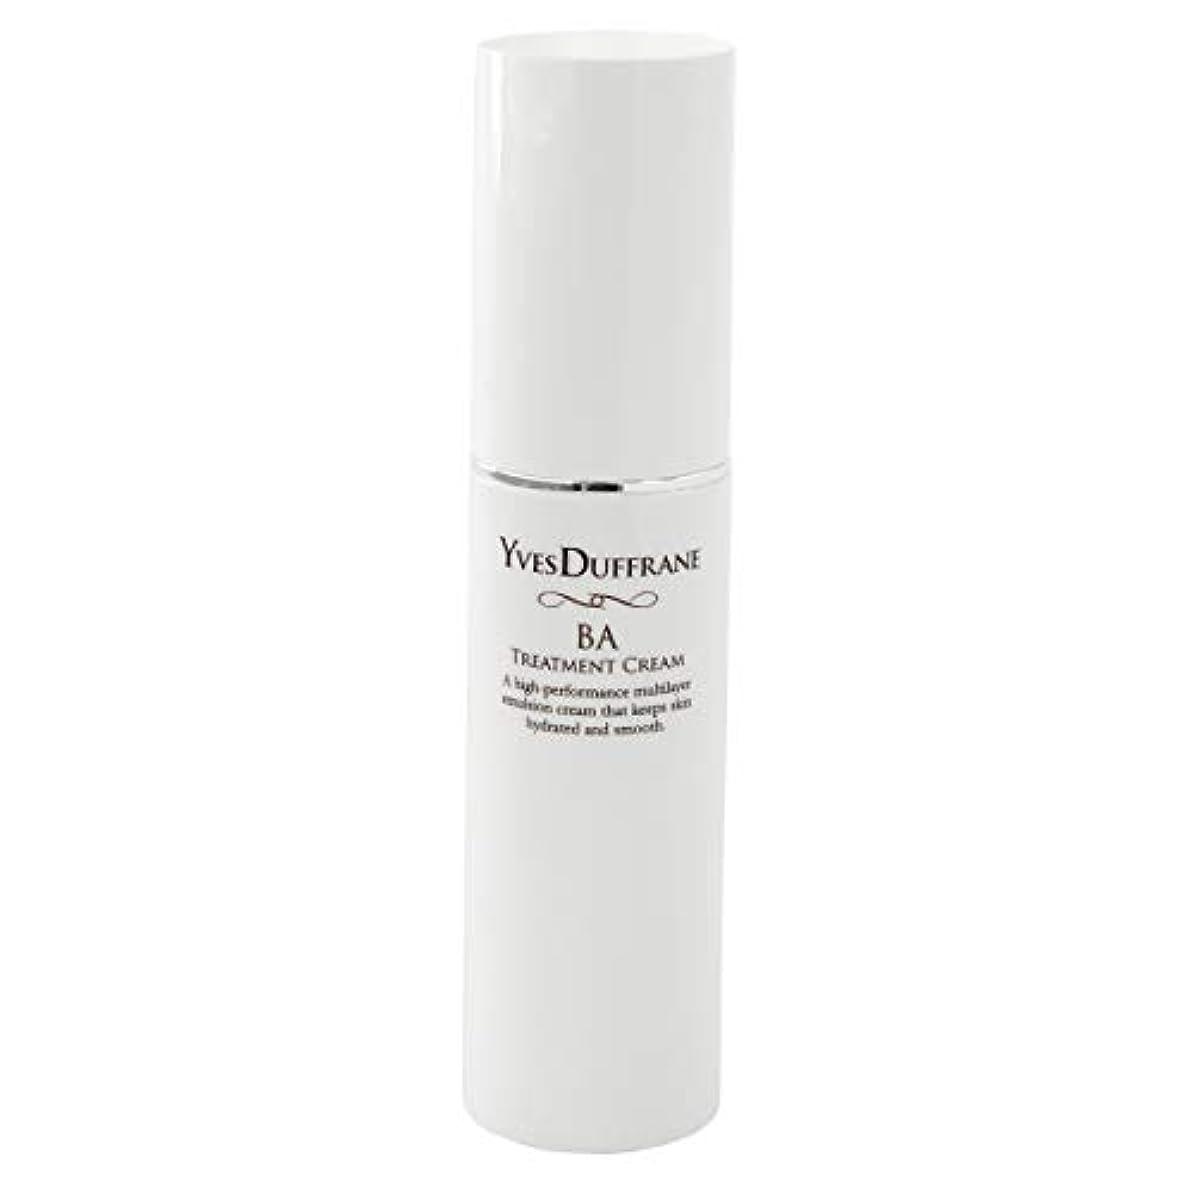 サンダース禁止する没頭するセラミド 美容クリーム [BAトリートメント クリーム ] 顔 目元 敏感肌 保湿 セラミド ビタミンC誘導体 バイオアンテージ配合